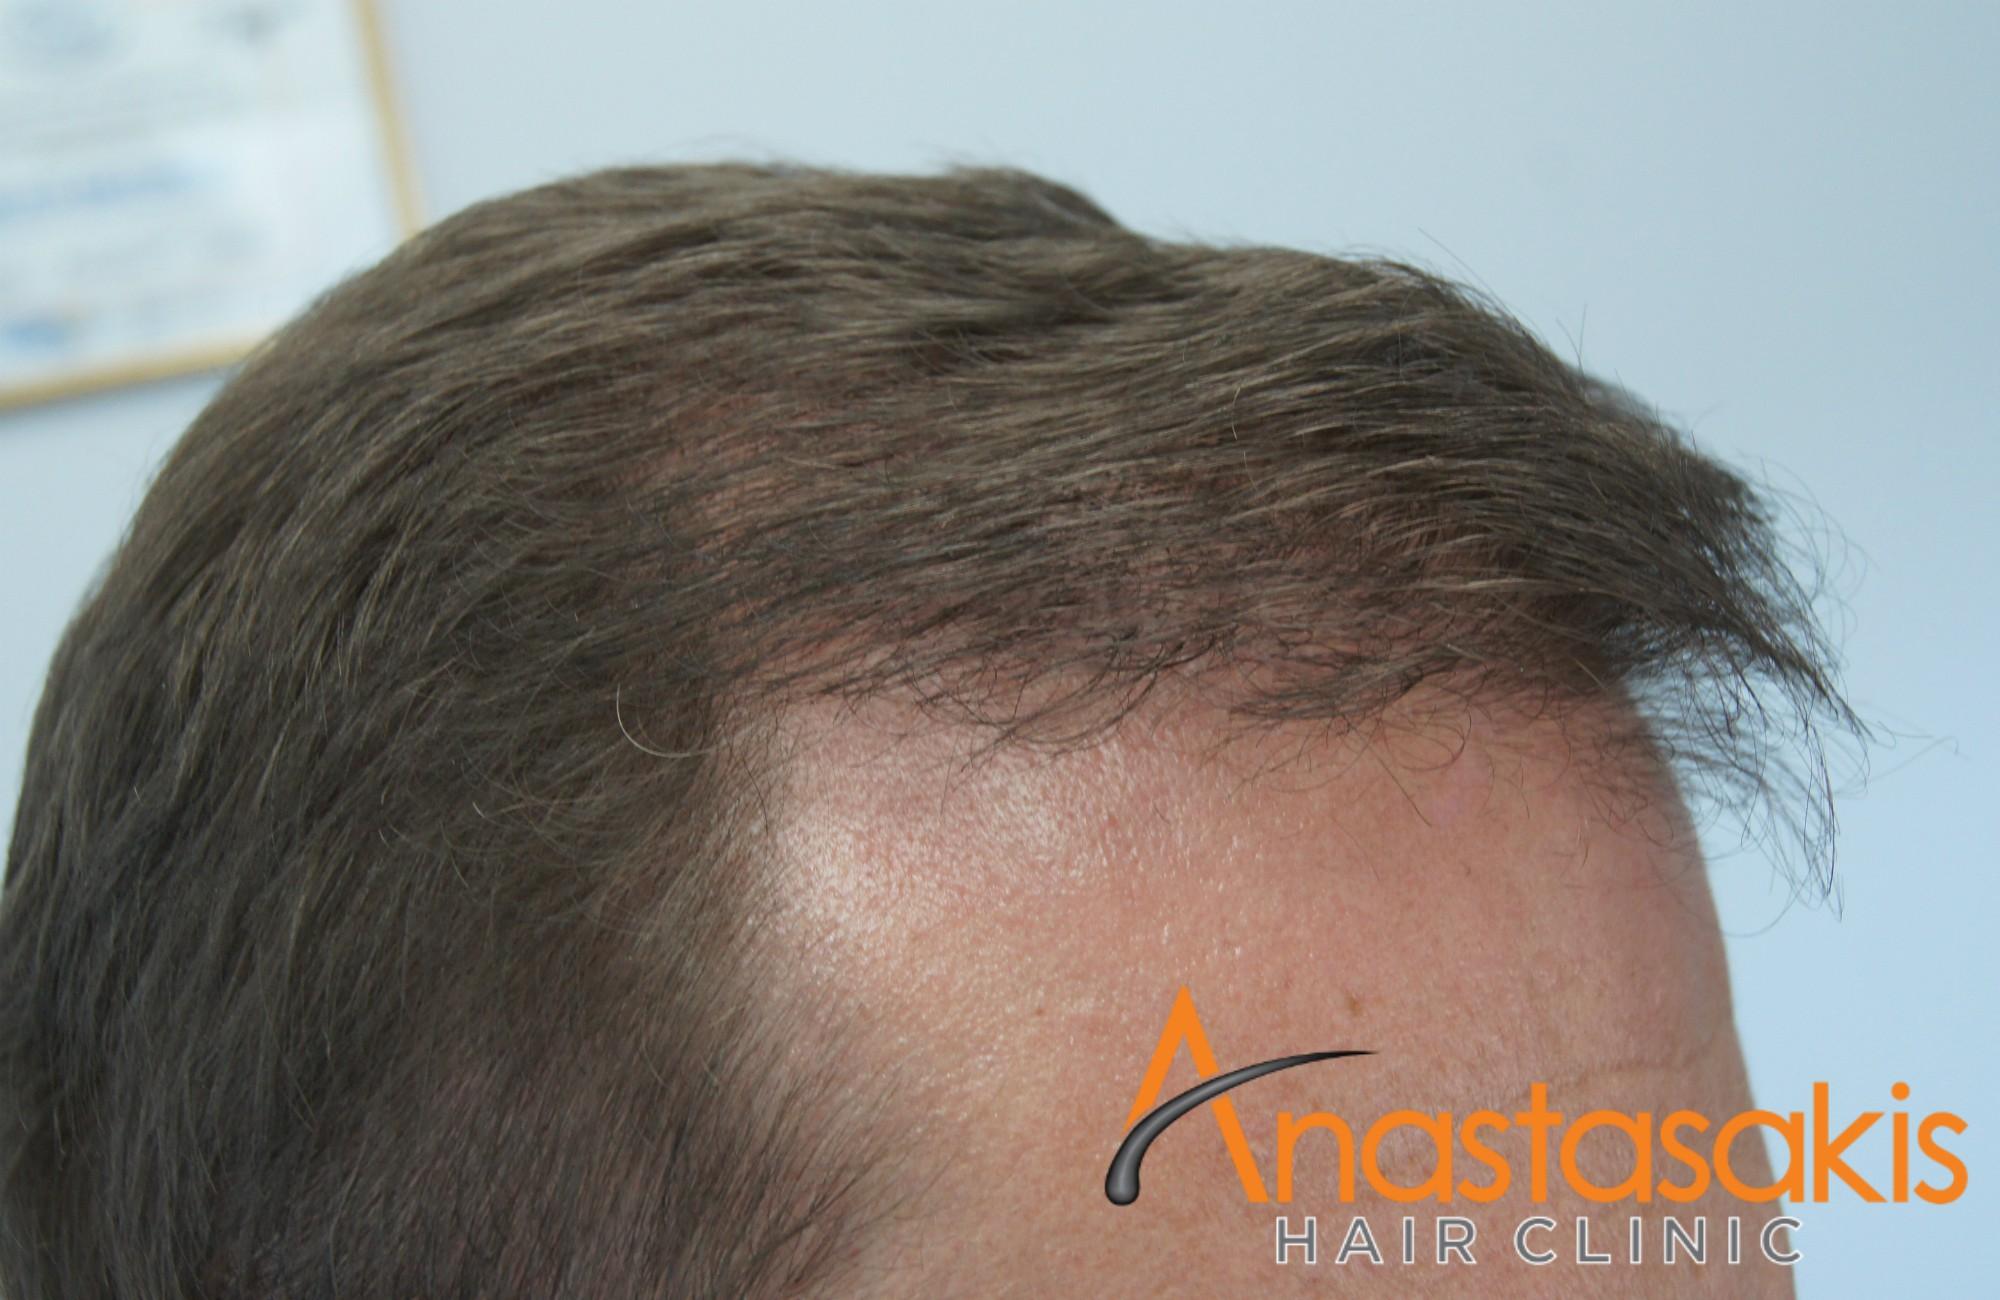 αποτέλεσμα ασθενούς στο δεξί προφίλ μετά την επέμβαση μαλλιών fue με 3000fus